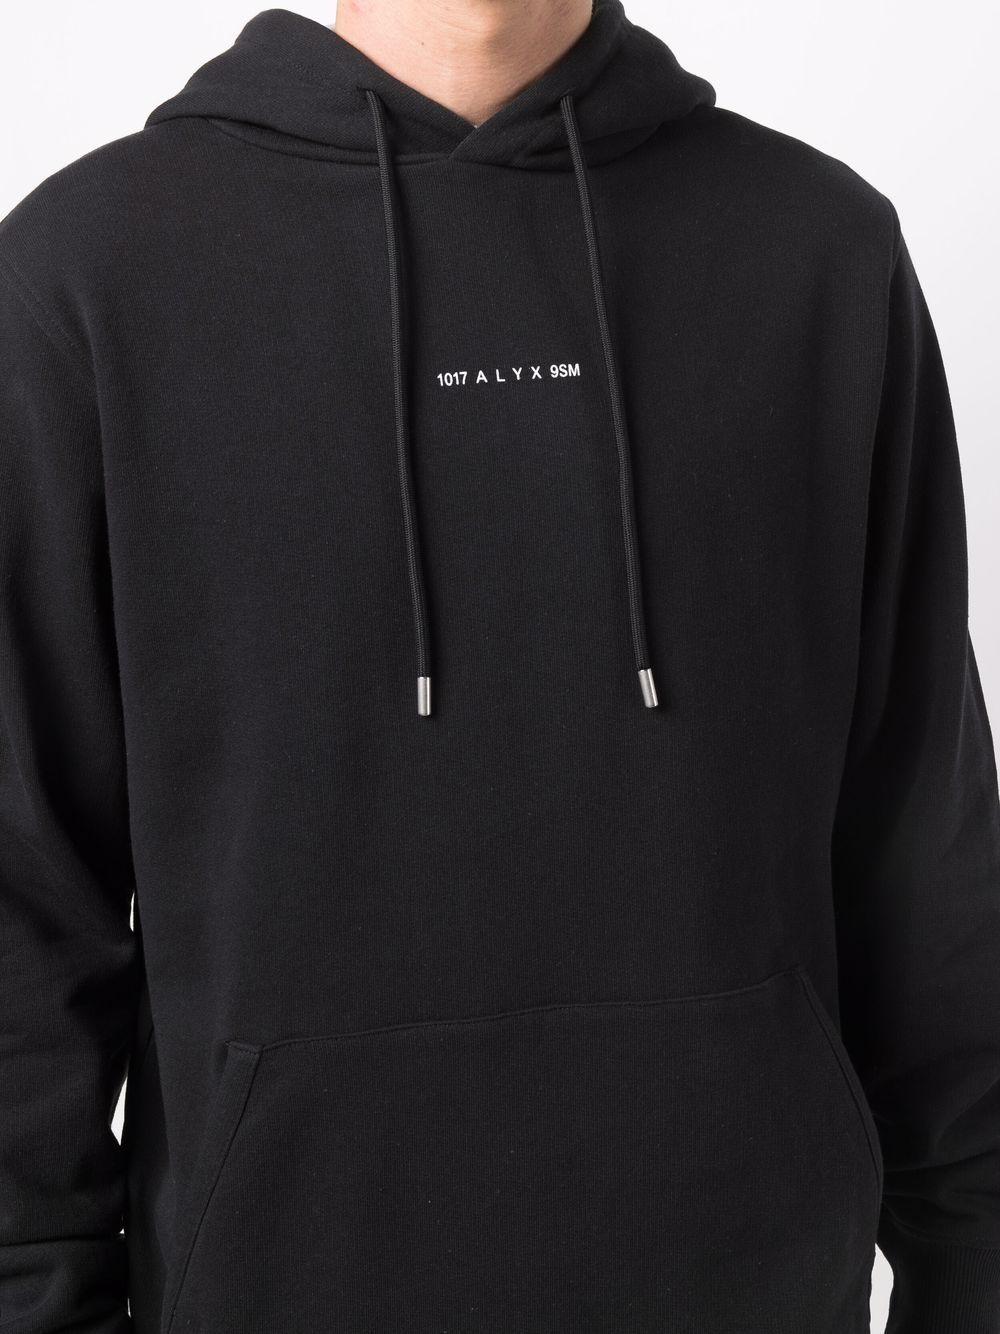 felpa con logo uomo nera in cotone 1017 ALYX 9SM | Felpe | AVUSW0009FA02BLK001